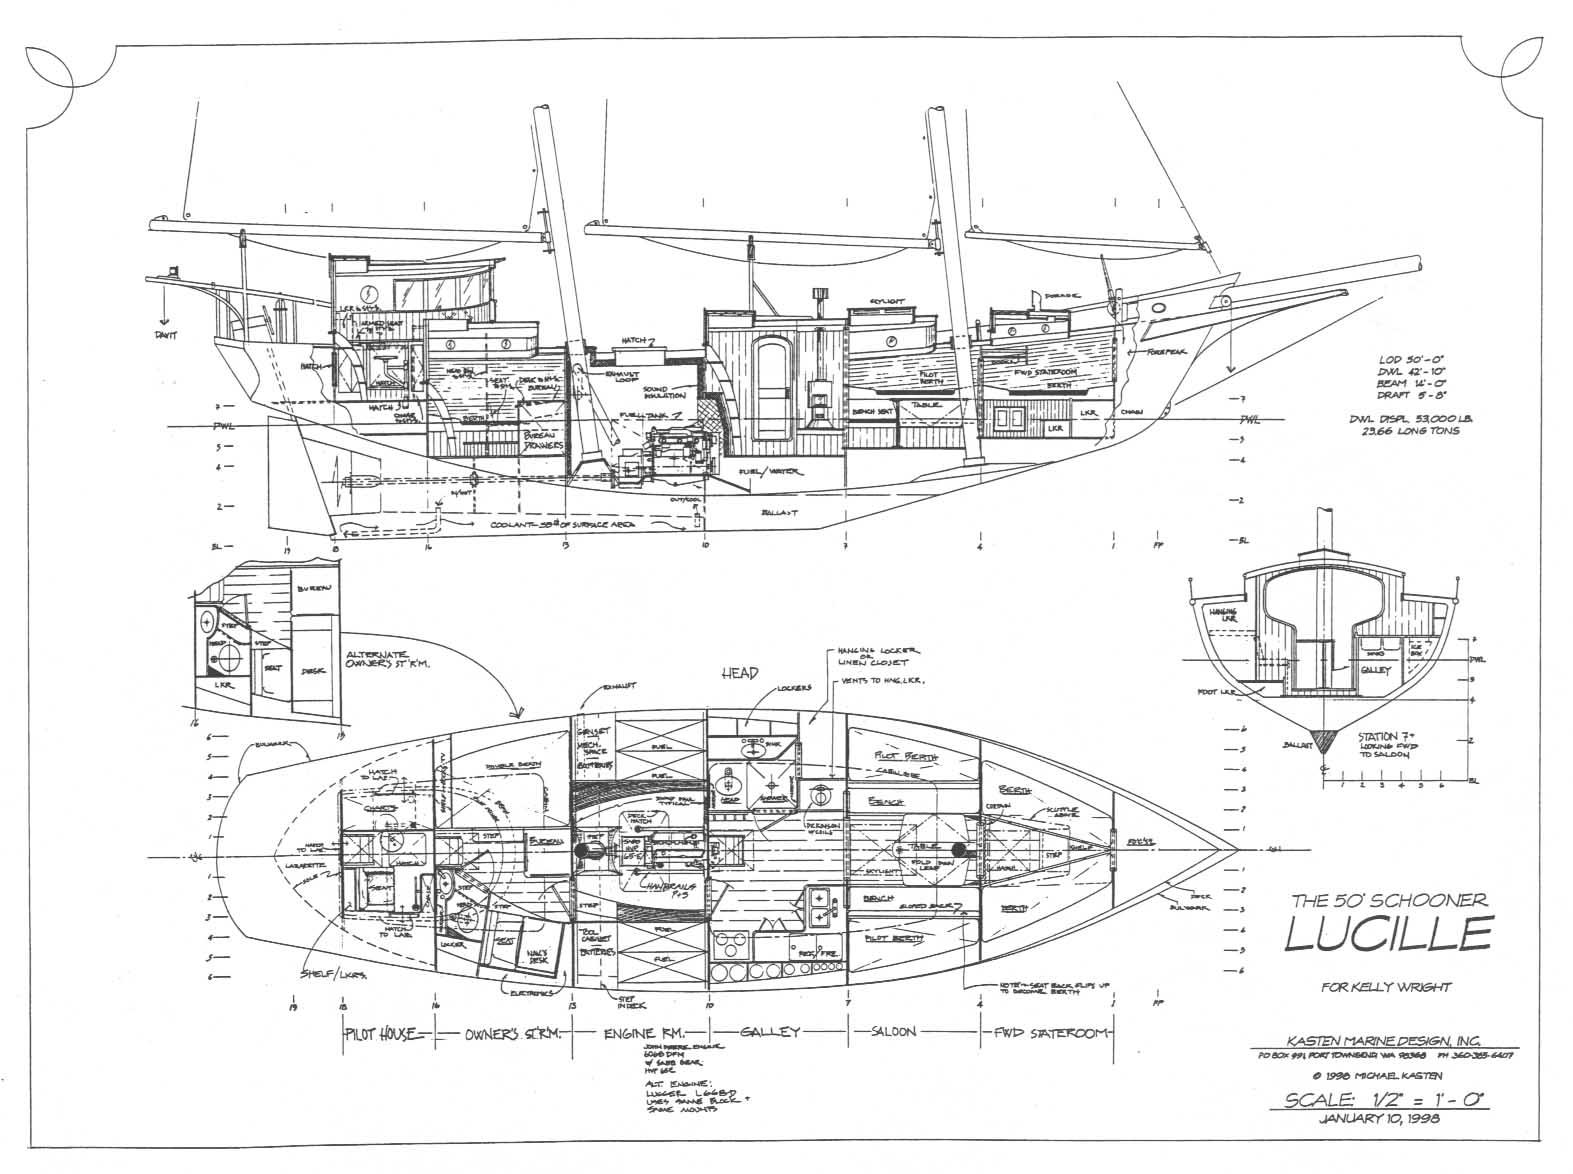 50 Motor Sailer Lucille Kasten Marine Design